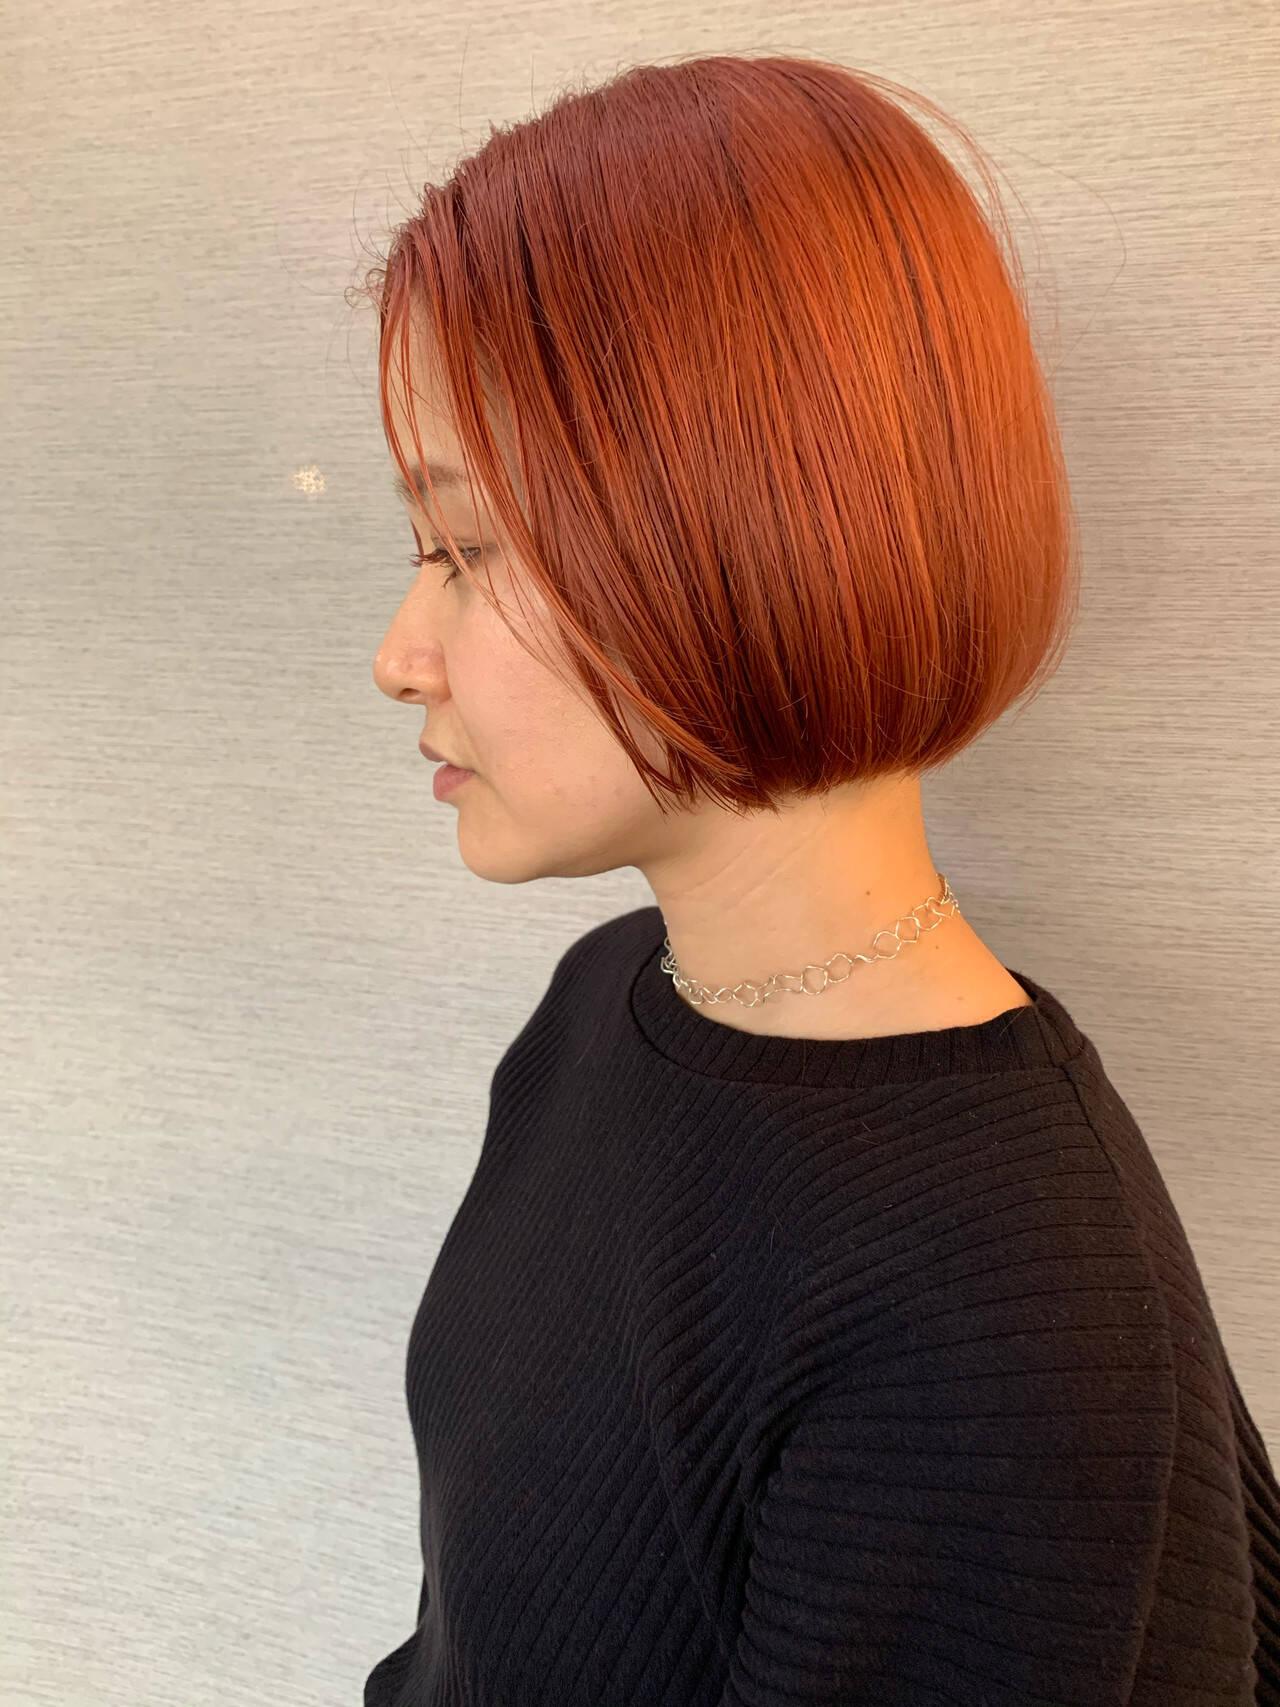 ボブ アプリコットオレンジ ナチュラル コーラルピンクヘアスタイルや髪型の写真・画像